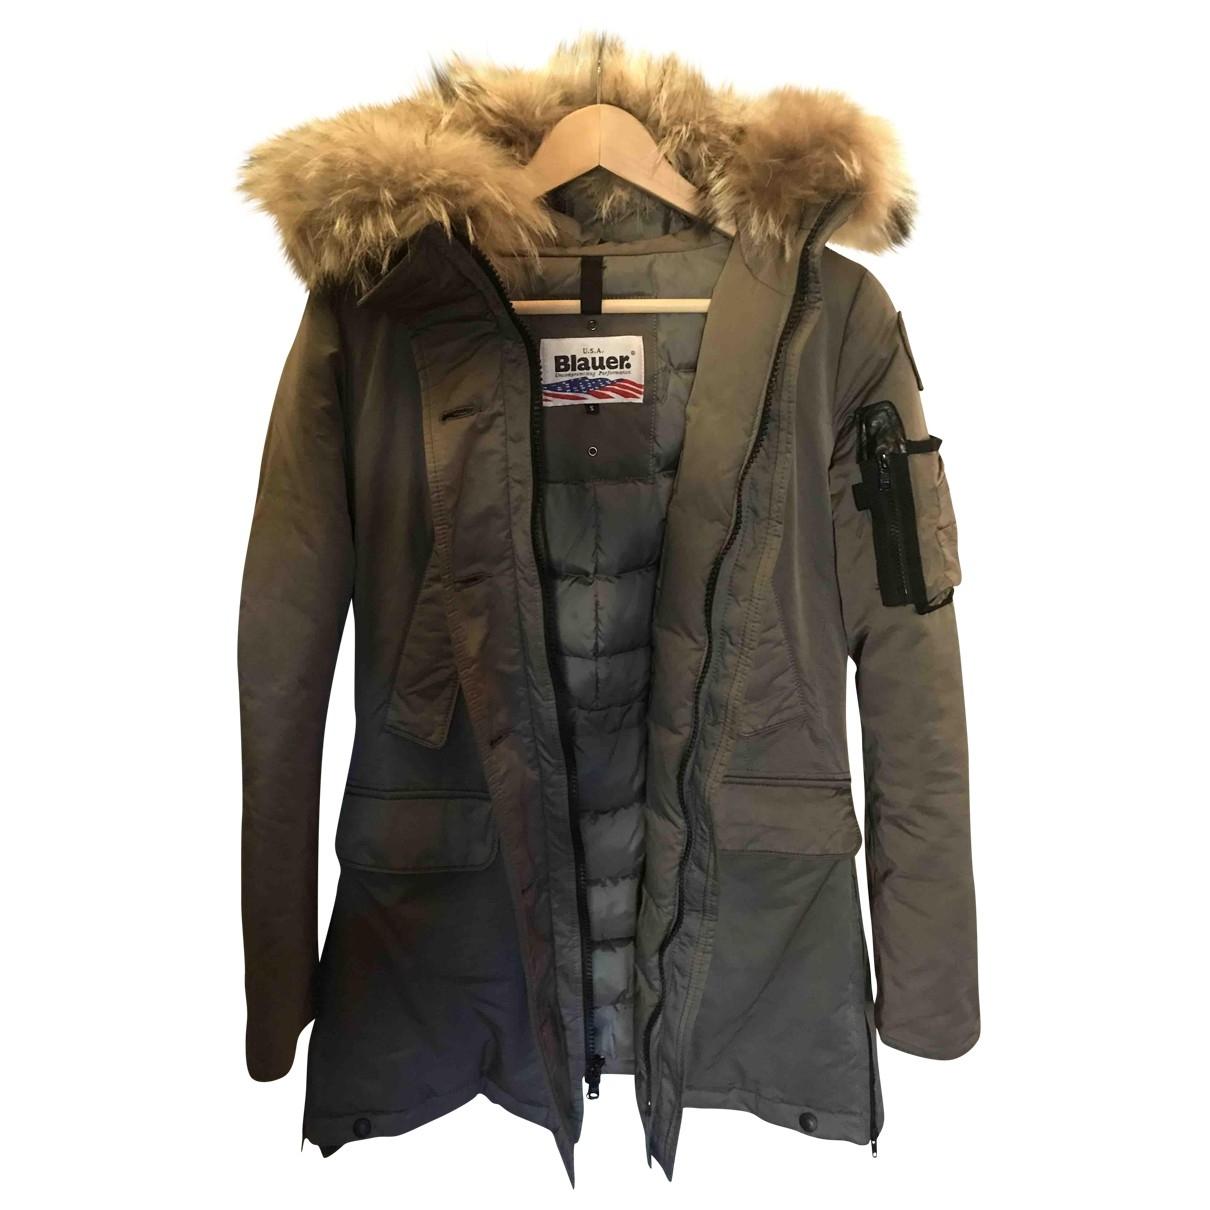 Blauer \N Khaki coat for Women S International